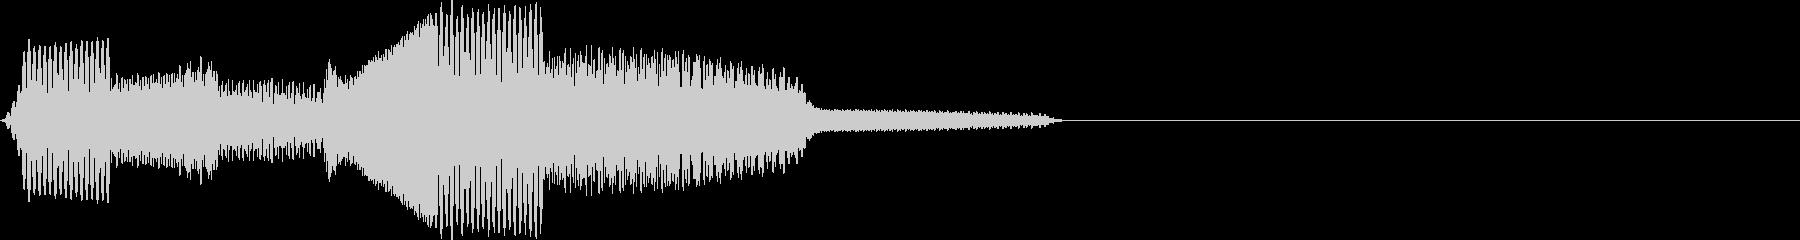 ポコポン(click_043_ボタン)の未再生の波形